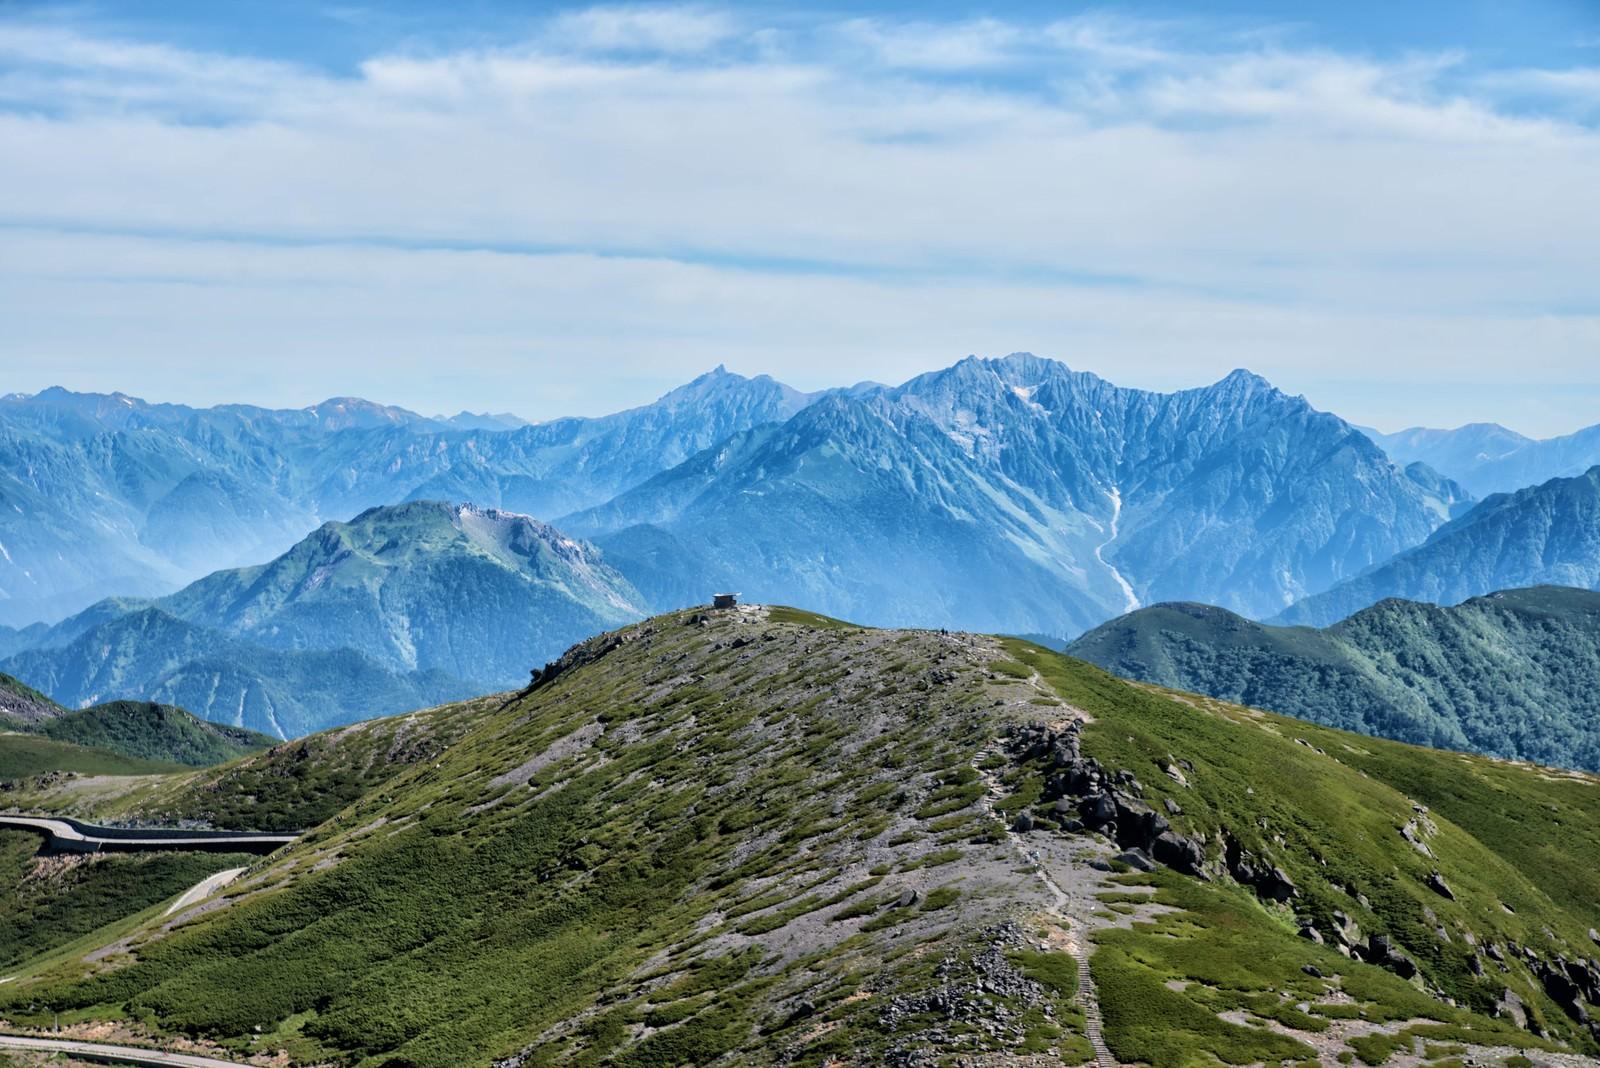 「乗鞍岳の雄大な眺め | 写真の無料素材・フリー素材 - ぱくたそ」の写真